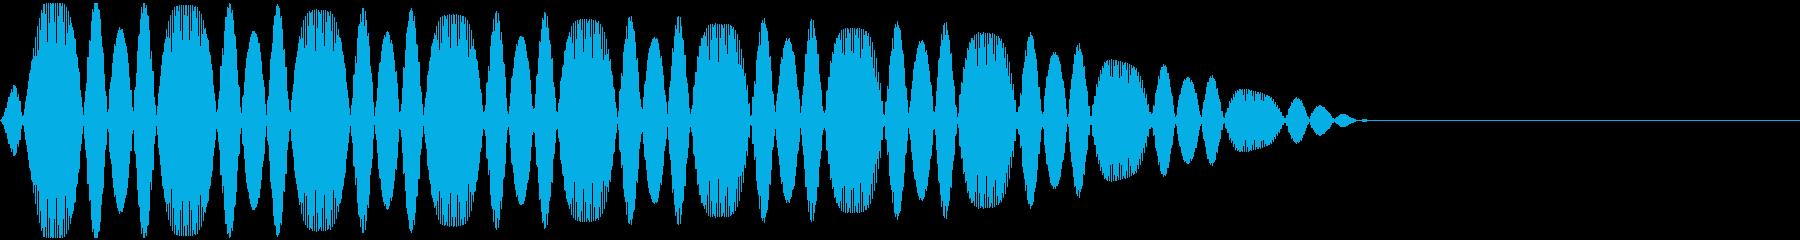 ピロピロ(超音波/レーザー/ファミコンの再生済みの波形